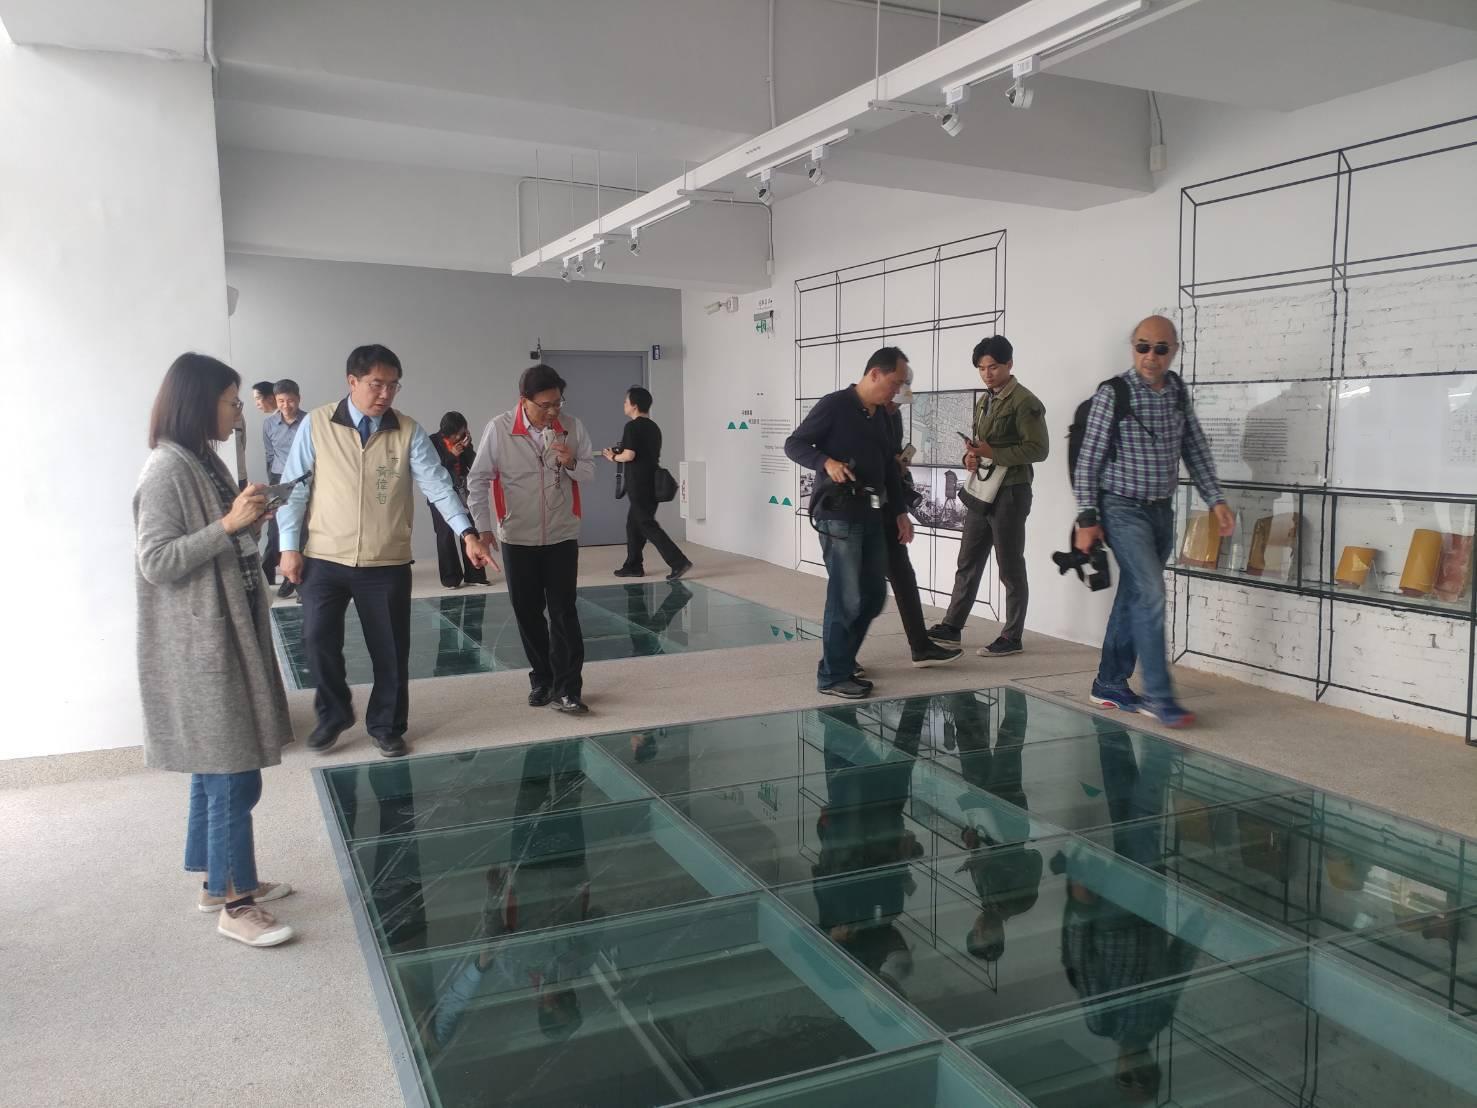 黃偉哲市長向媒體導覽河樂廣場遺構回填展示區